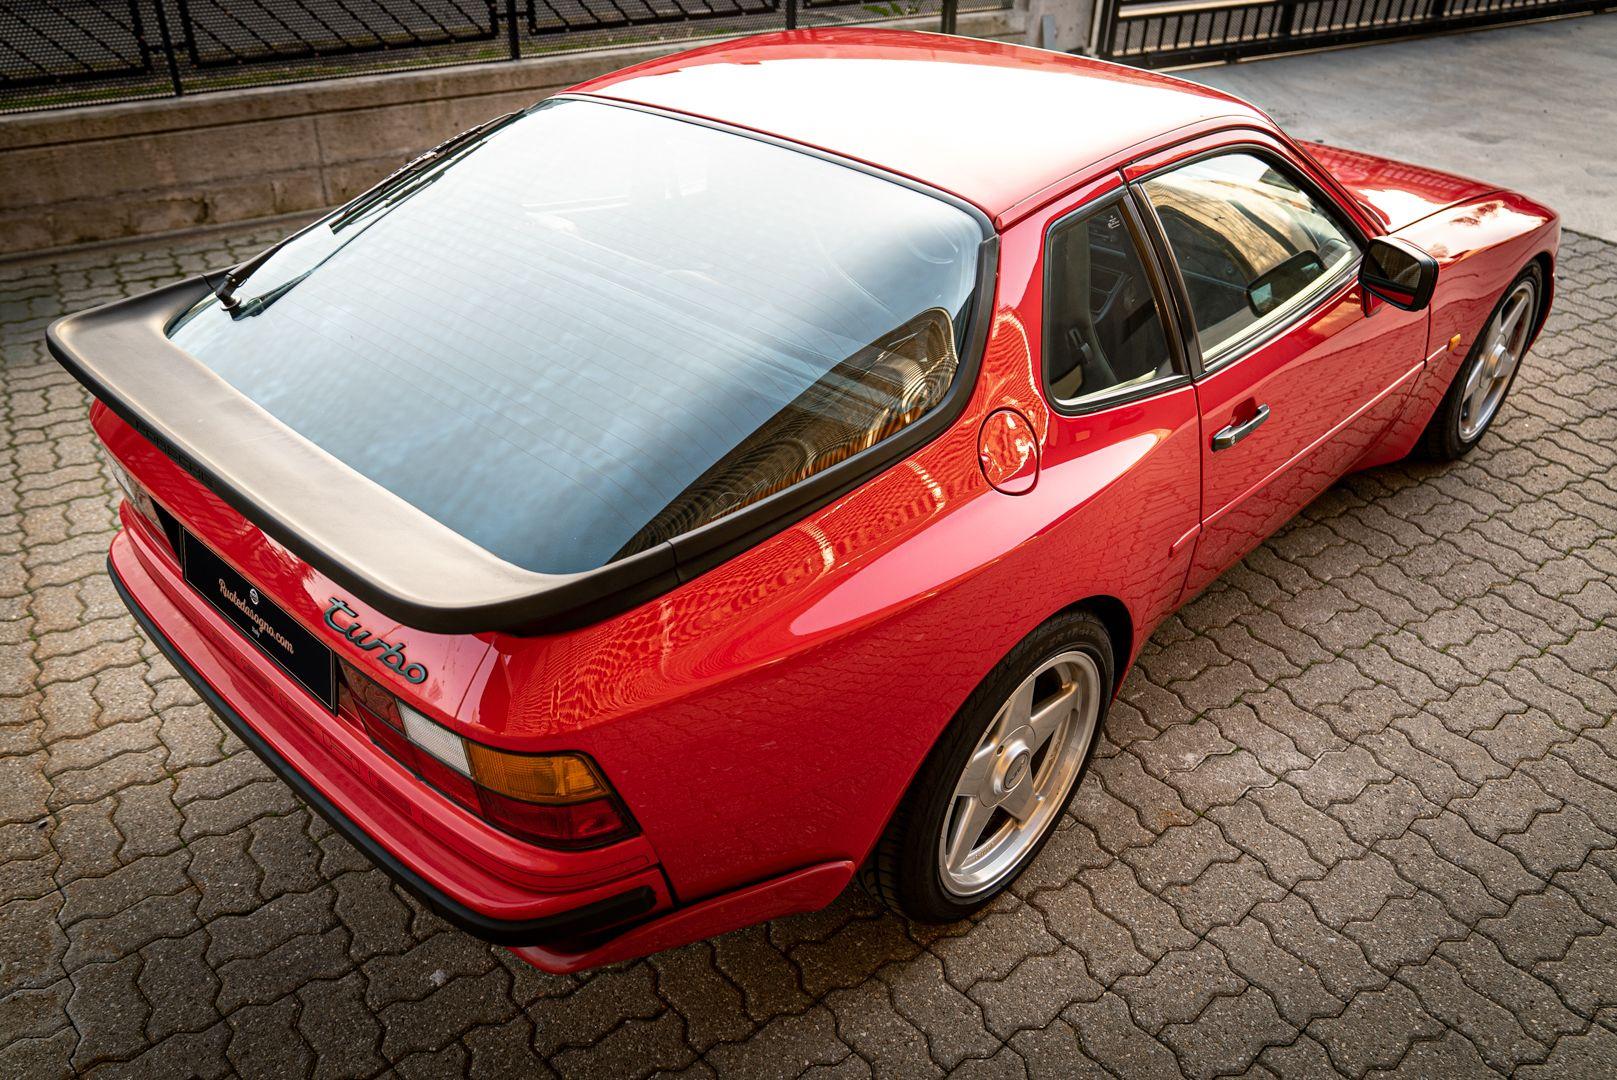 1988 Porsche 944 Turbo S Spec 62106